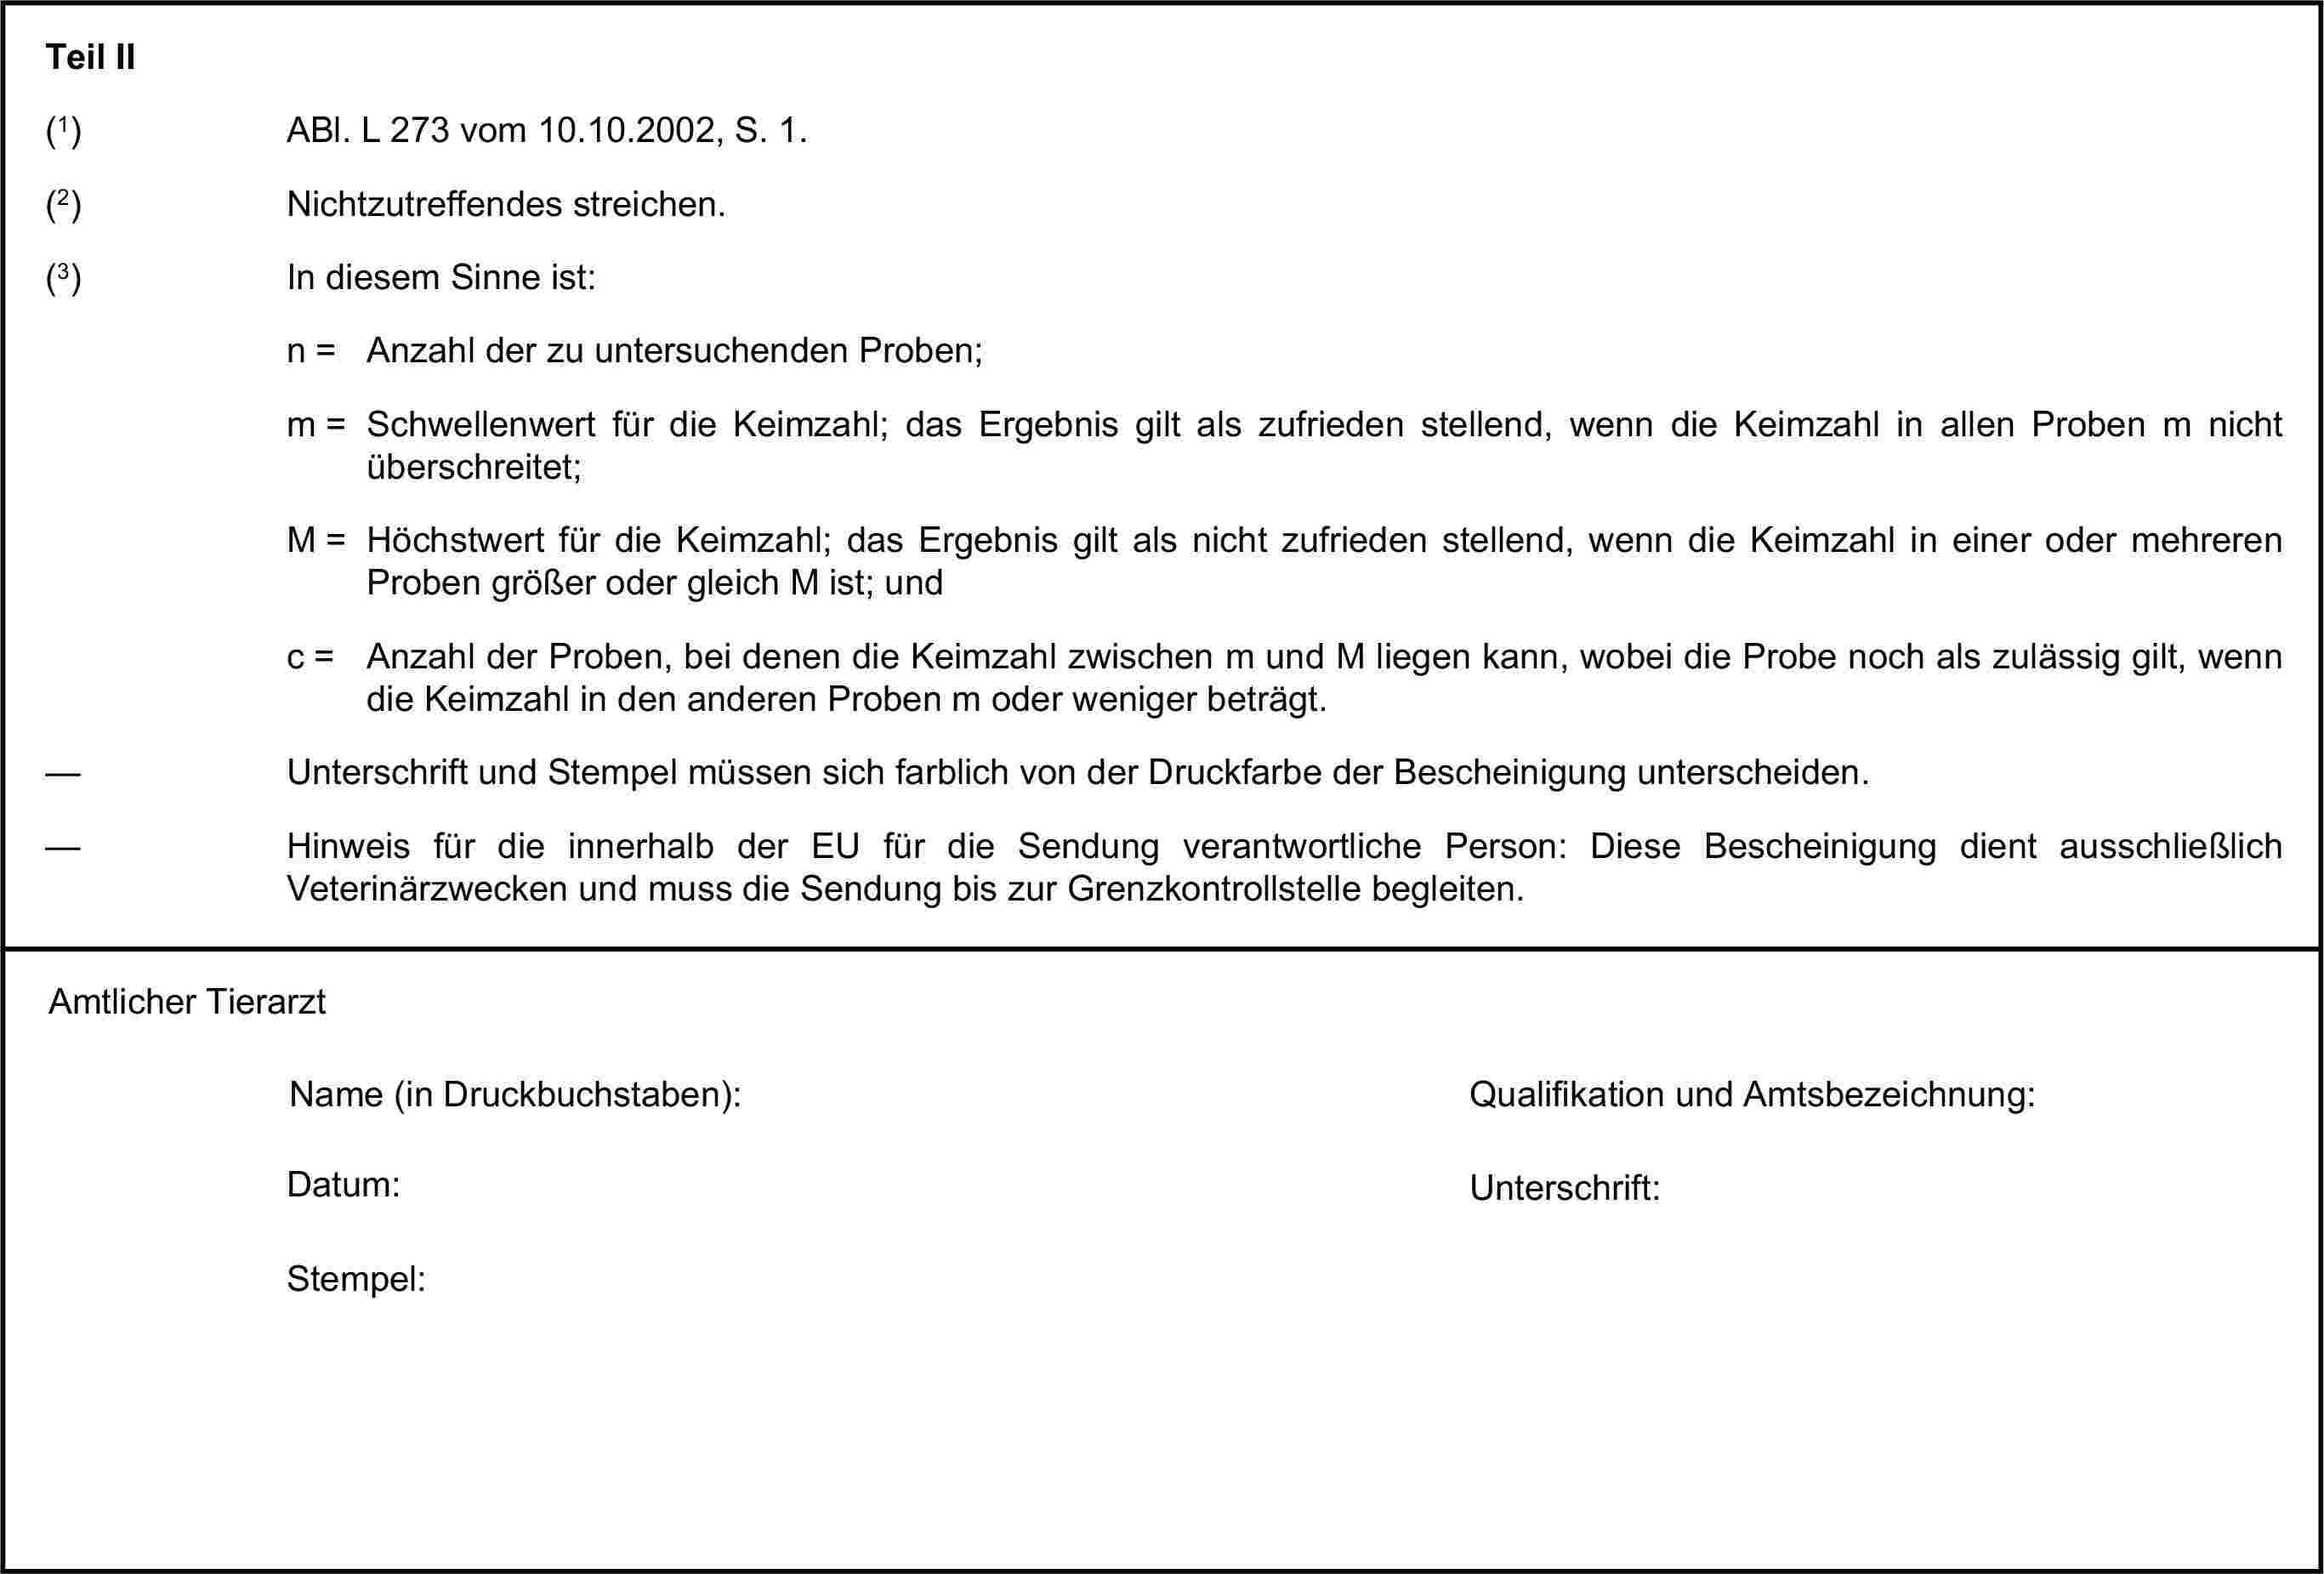 Atemberaubend Bankett Server Wiederaufnahme Proben Bilder - Entry ...